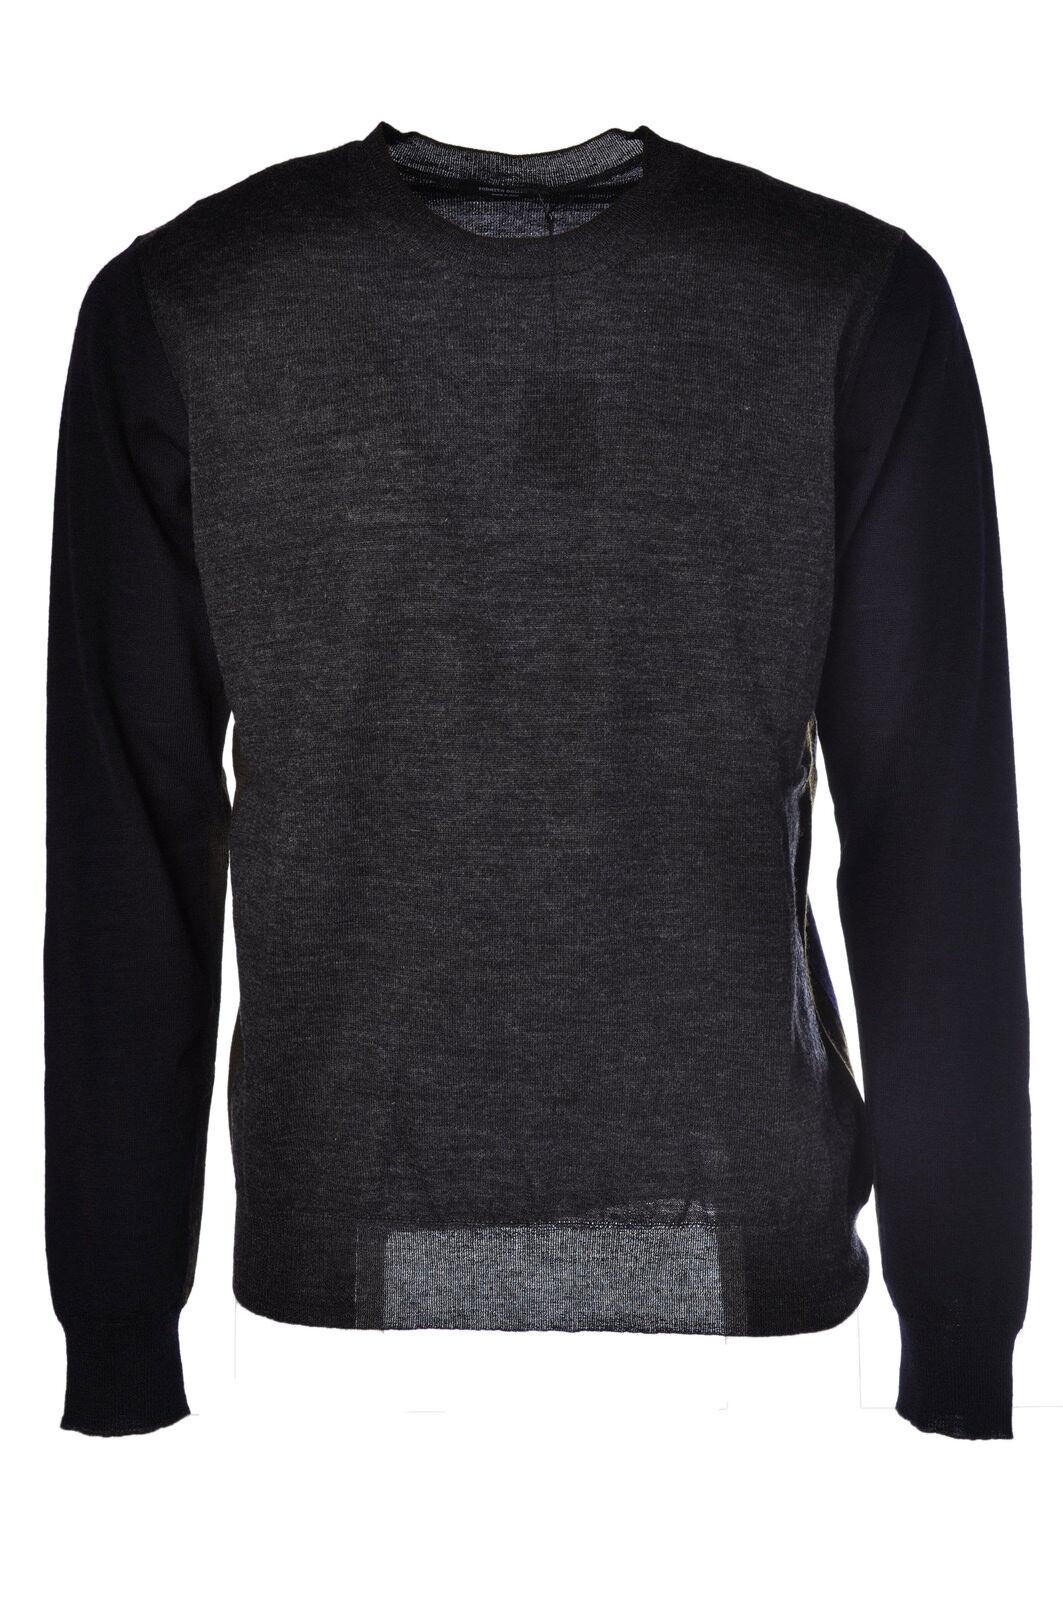 Roberto Collina - Knitwear-Sweaters - Man - Grau - 473811M184455